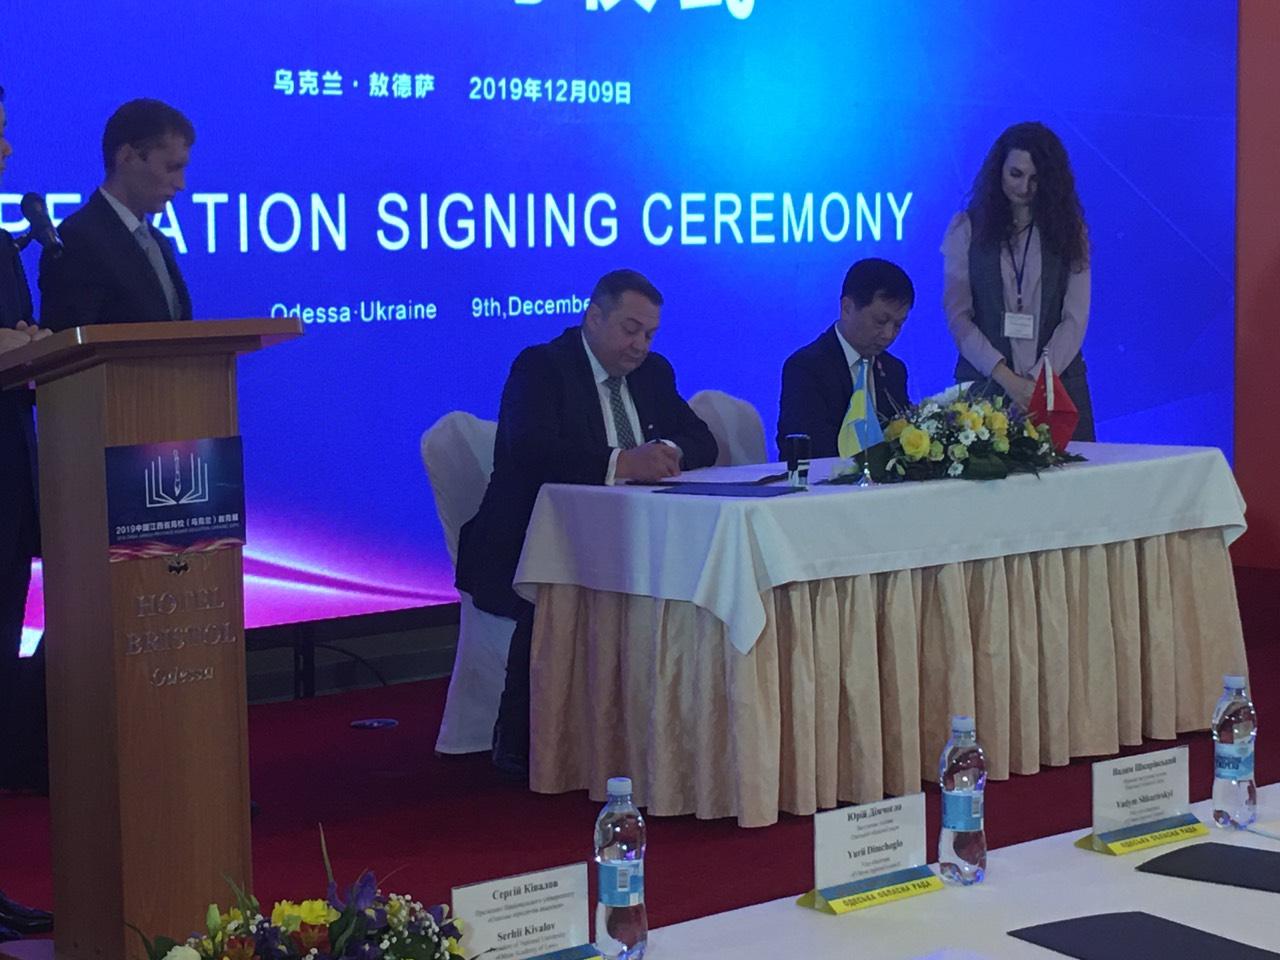 Міжнародна спеціалізована освітня виставка Китайської народної Республіки в м. Одеса